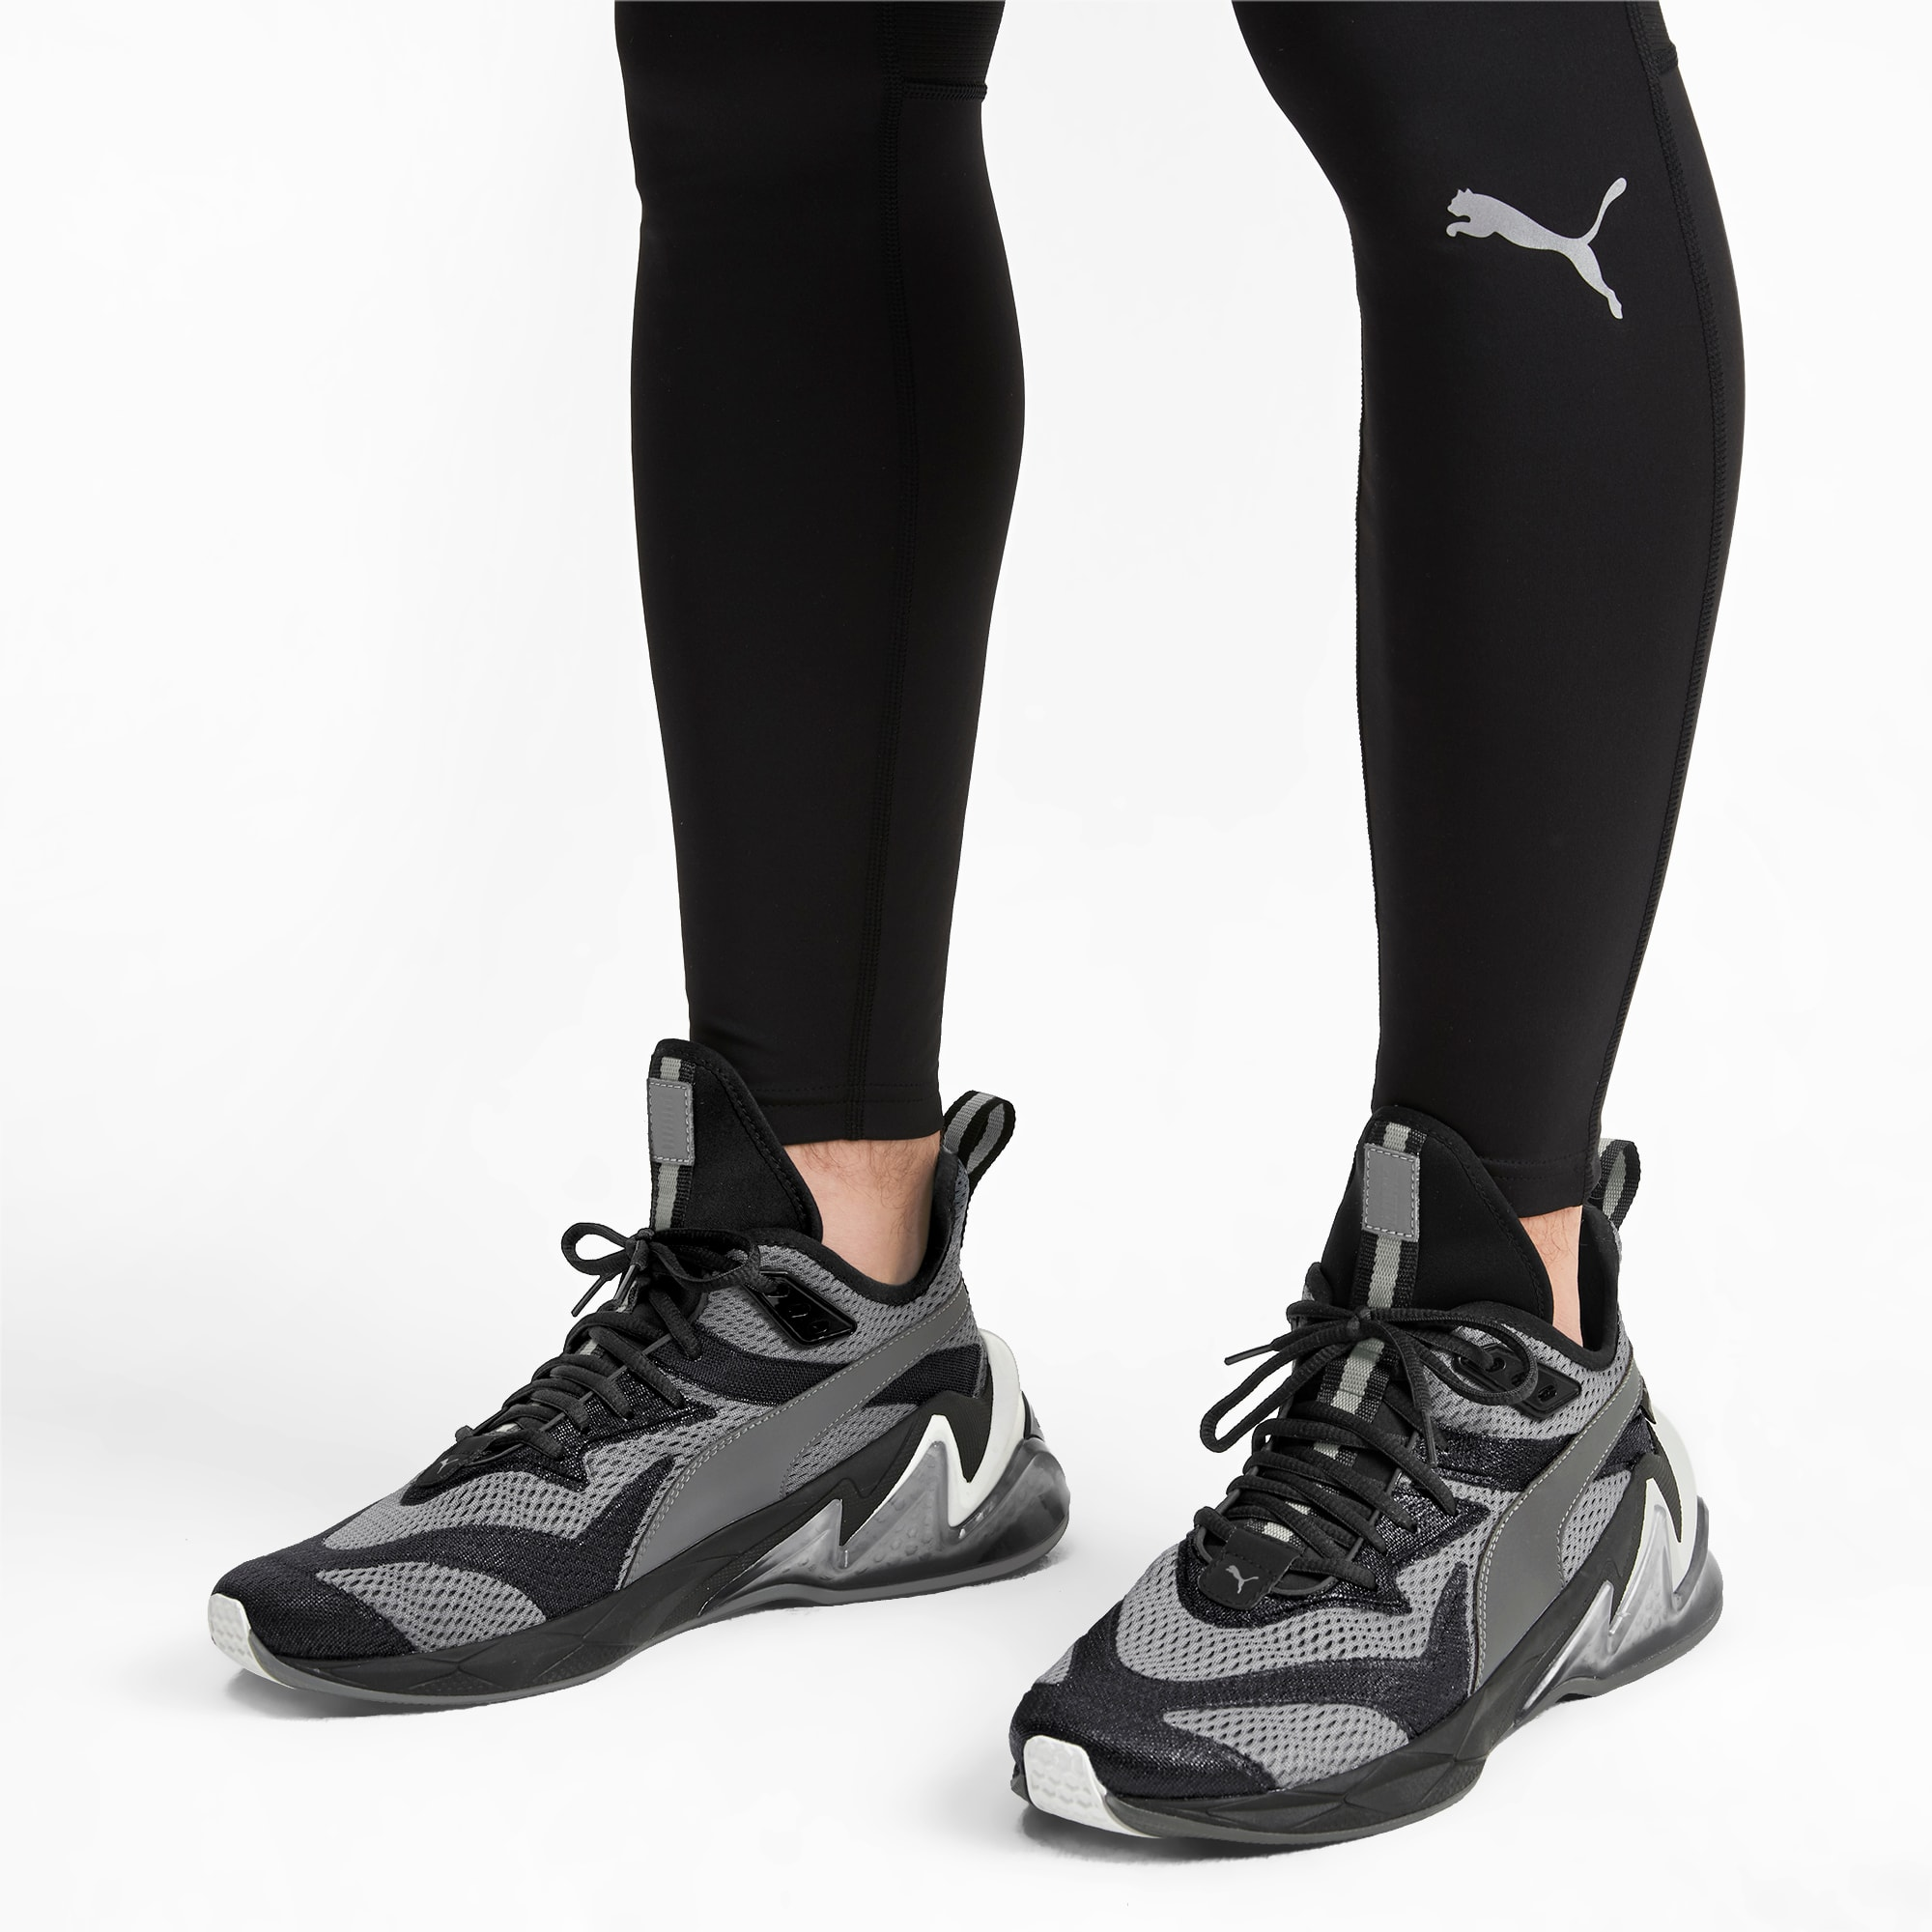 oben Schuhe Puma lqdcell origin tech sneaker k10xIi0g